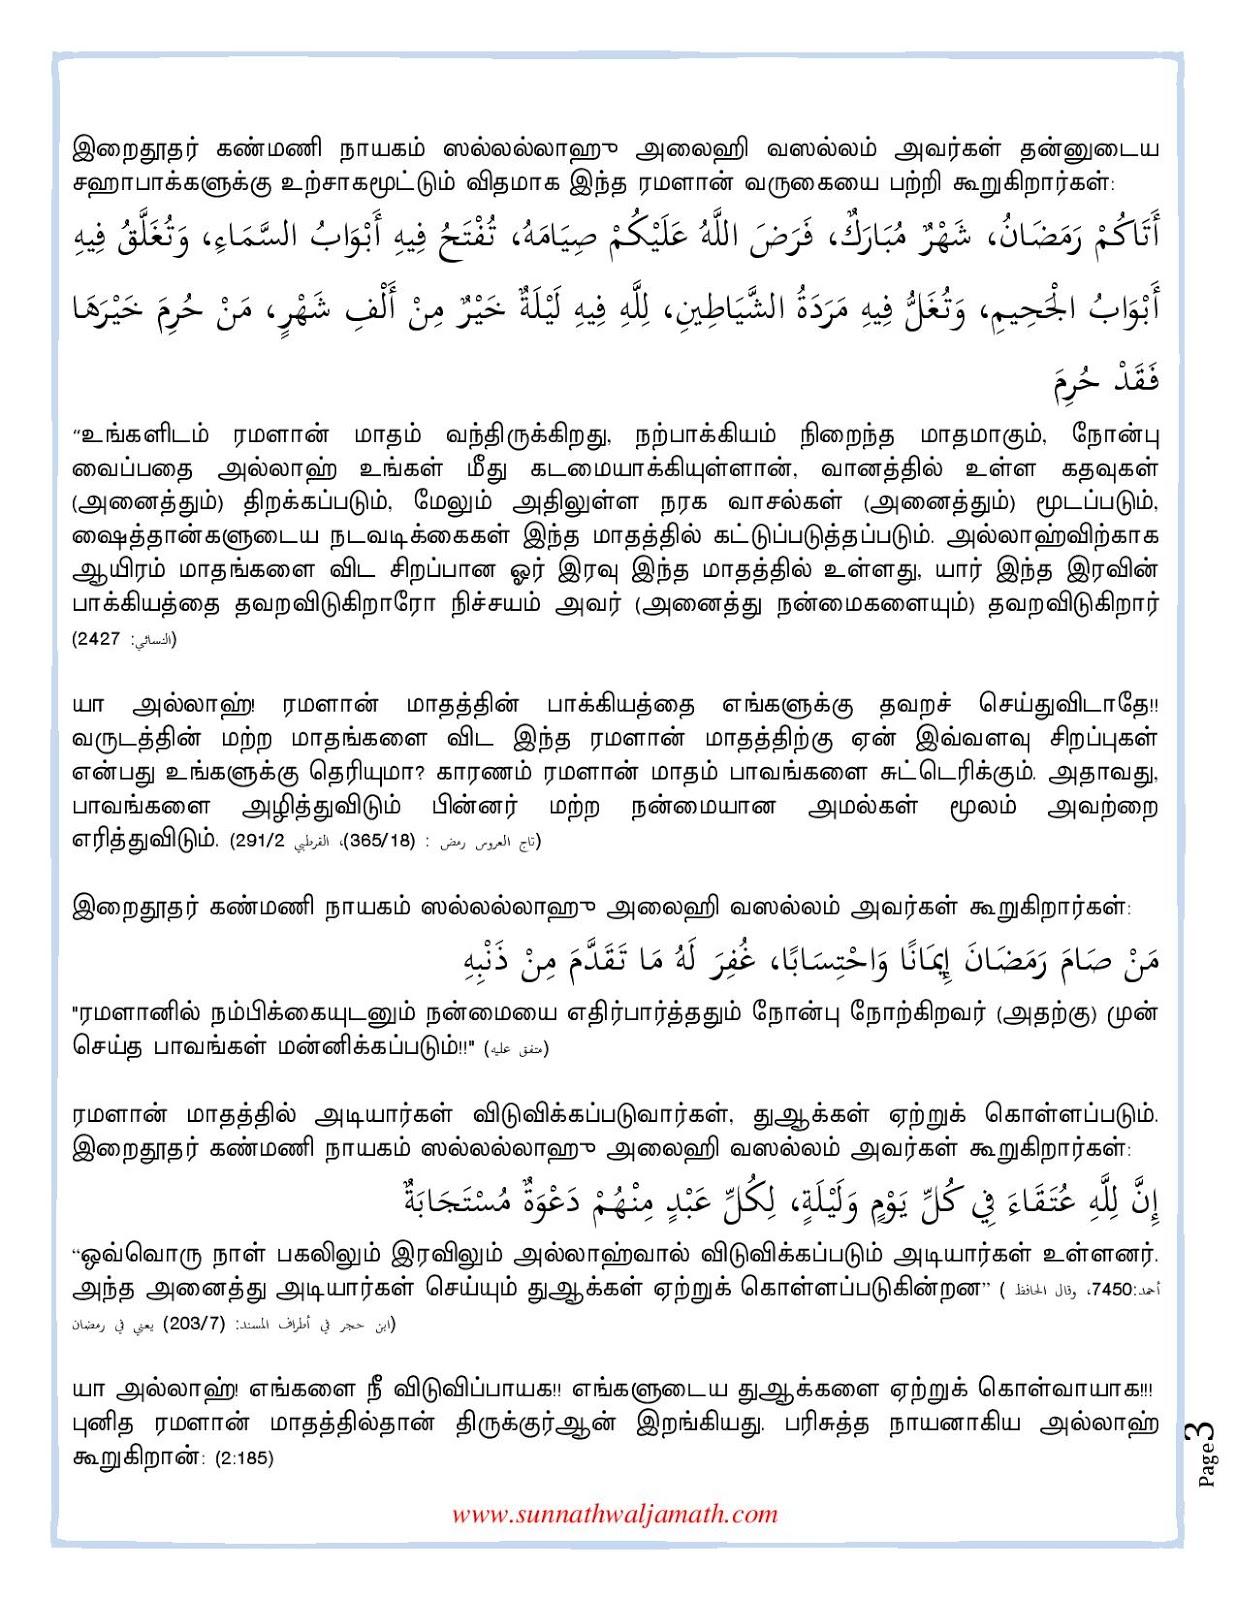 https://1.bp.blogspot.com/-0wAhJ0Tn7hU/V1D3IGr8hVI/AAAAAAAAHCc/w8hLMPO8O68cHZj1L3Wk8ZxTaTB7dSgiACLcB/s1600/Tamil%2B3rd%2BJune-16-page-003.jpg